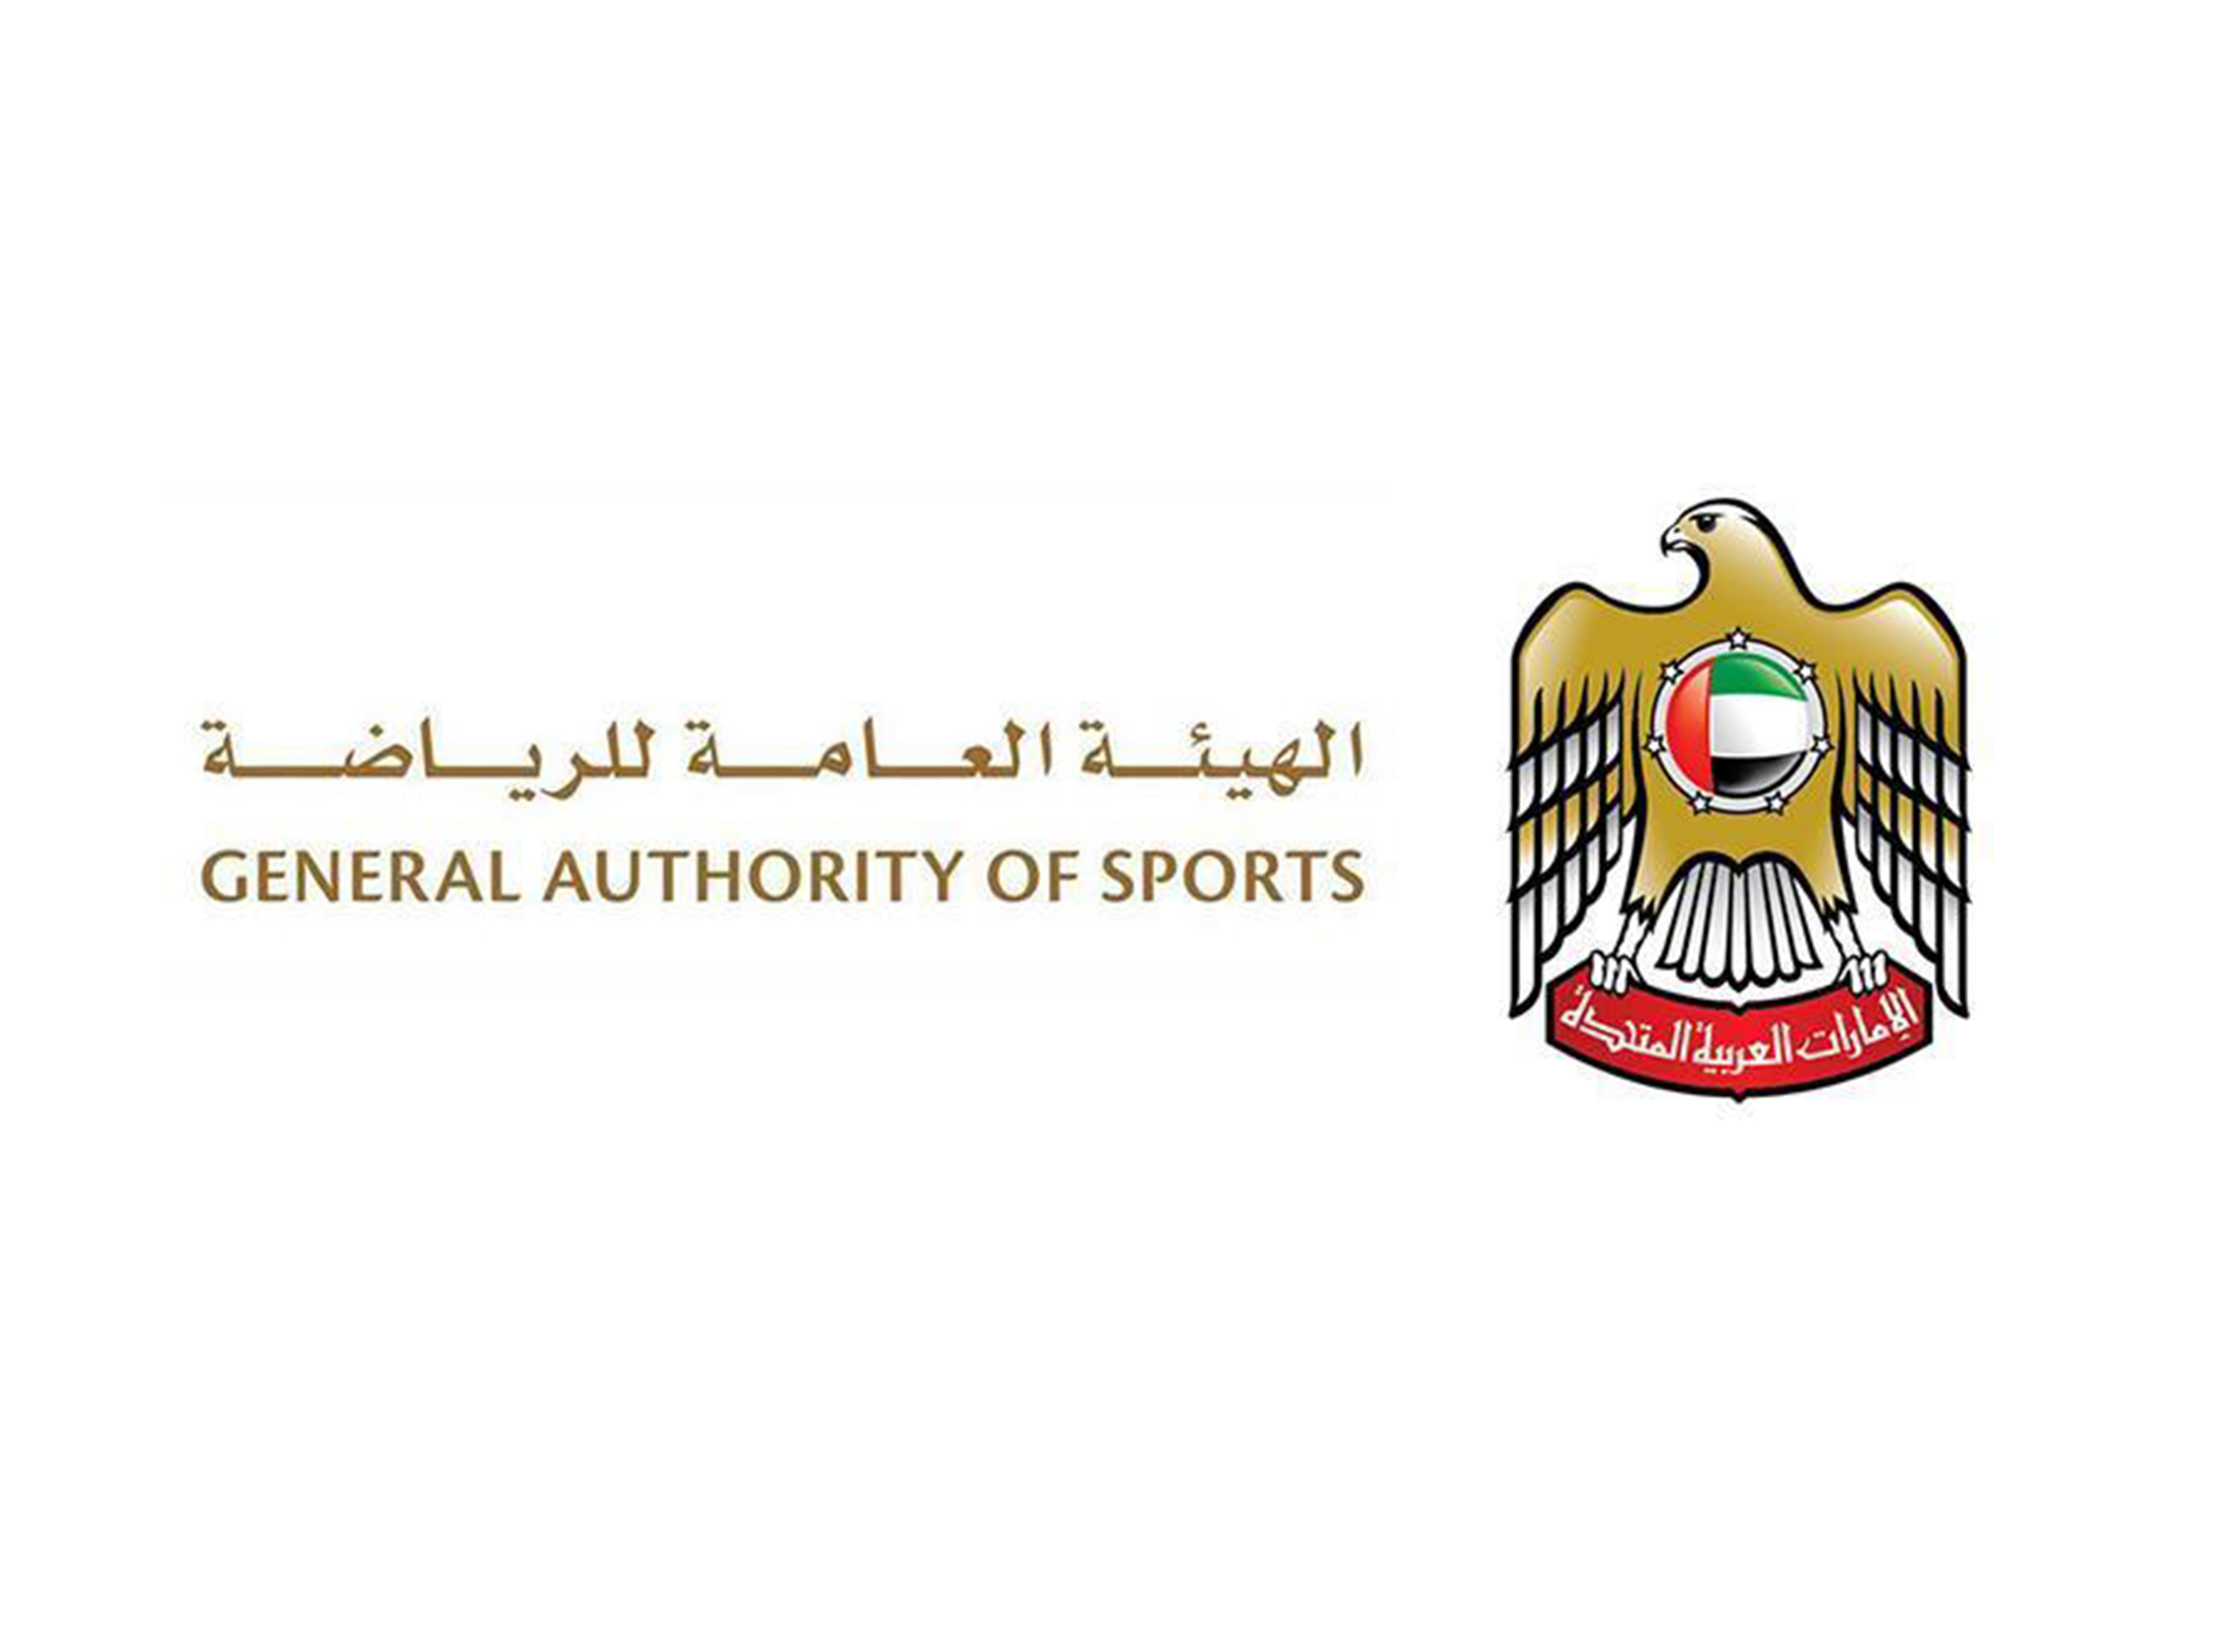 وكالة أنباء الإمارات الهيئة العامة للرياضة إجراء انتخابات الاتحادات الرياضية في موعدها